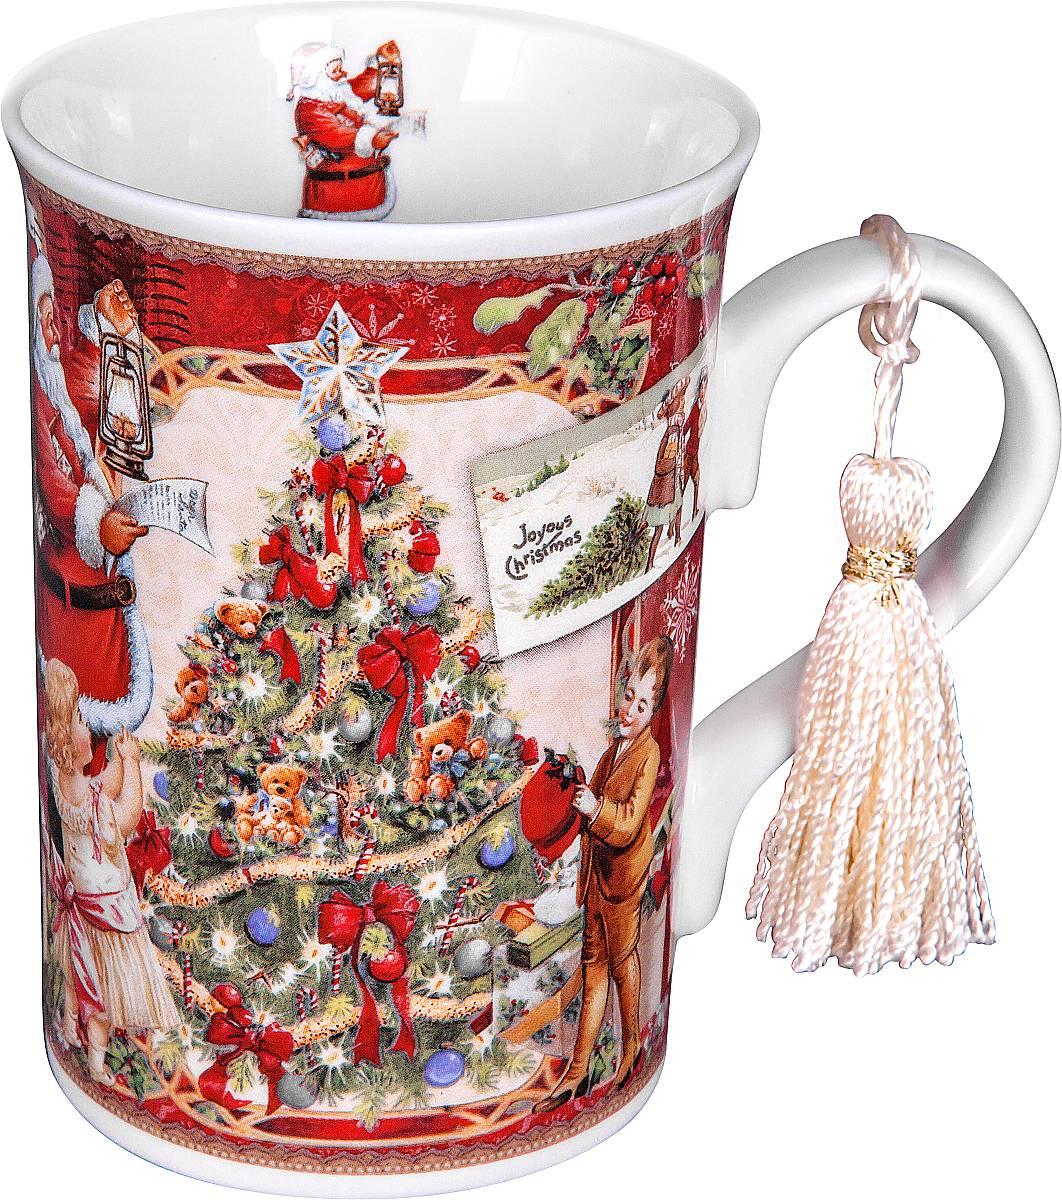 Кружка Mister Christmas Дед Мороз и дети, высота 11 см54 009312Кружка Mister Christmas Дед Мороз и дети изготовлена из качественного глазурованного фарфора. Внешние стенки декорированы красивыми новогодними рисунками. Такая кружка согреет вас горячим напитком и станет неизменным атрибутом чаепития.Отличный новогодний подарок для друзей и близких.Кружка упакована в новогоднюю подарочную коробку.